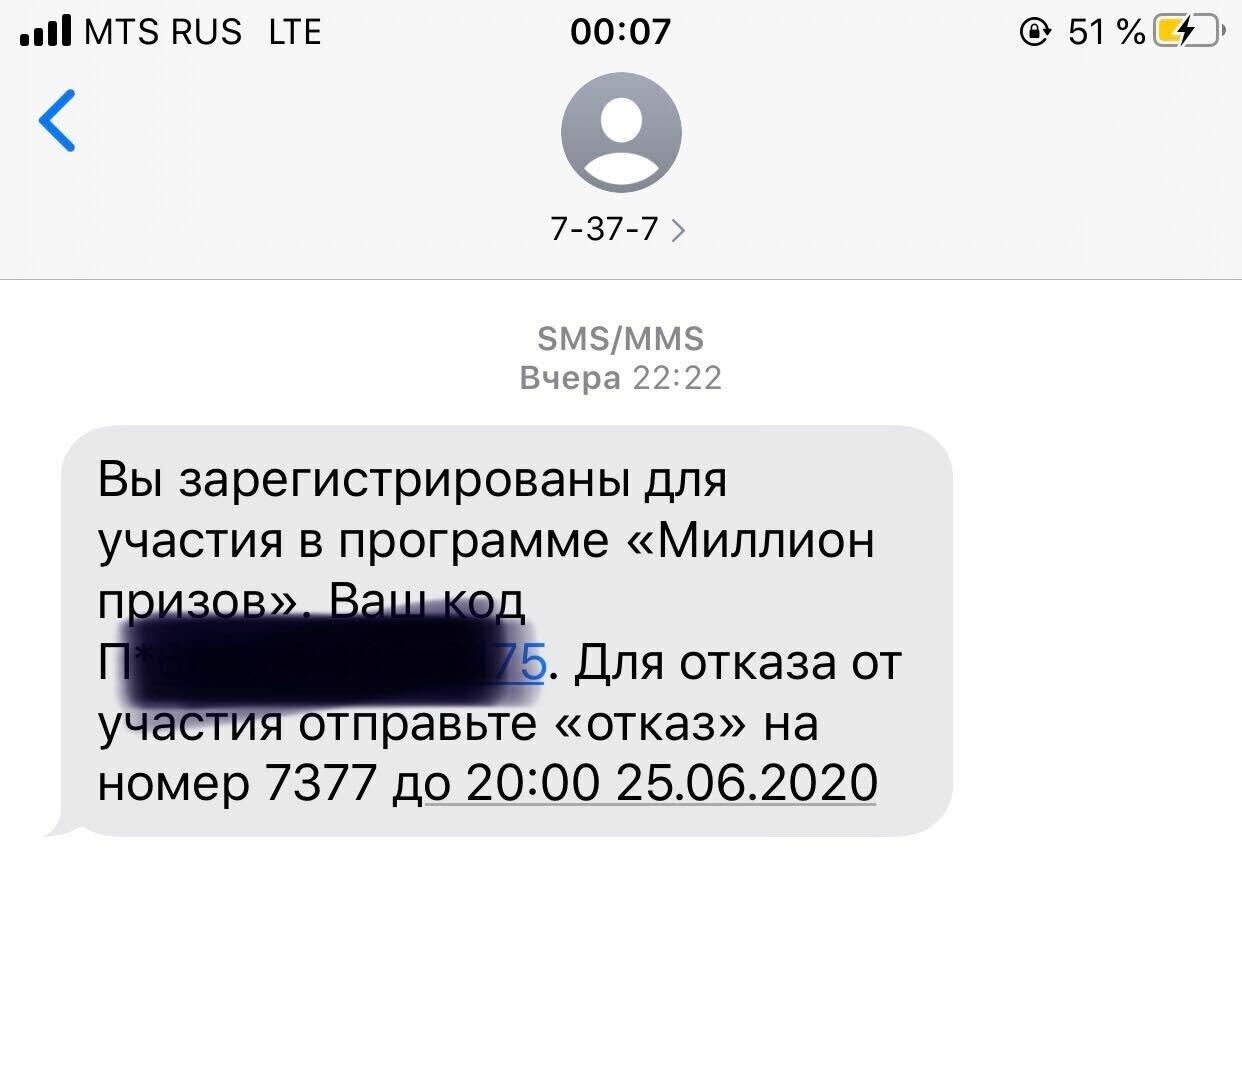 Www.ag-vmeste.ru зарегистрировать и активировать код и получить приз на мос.ру